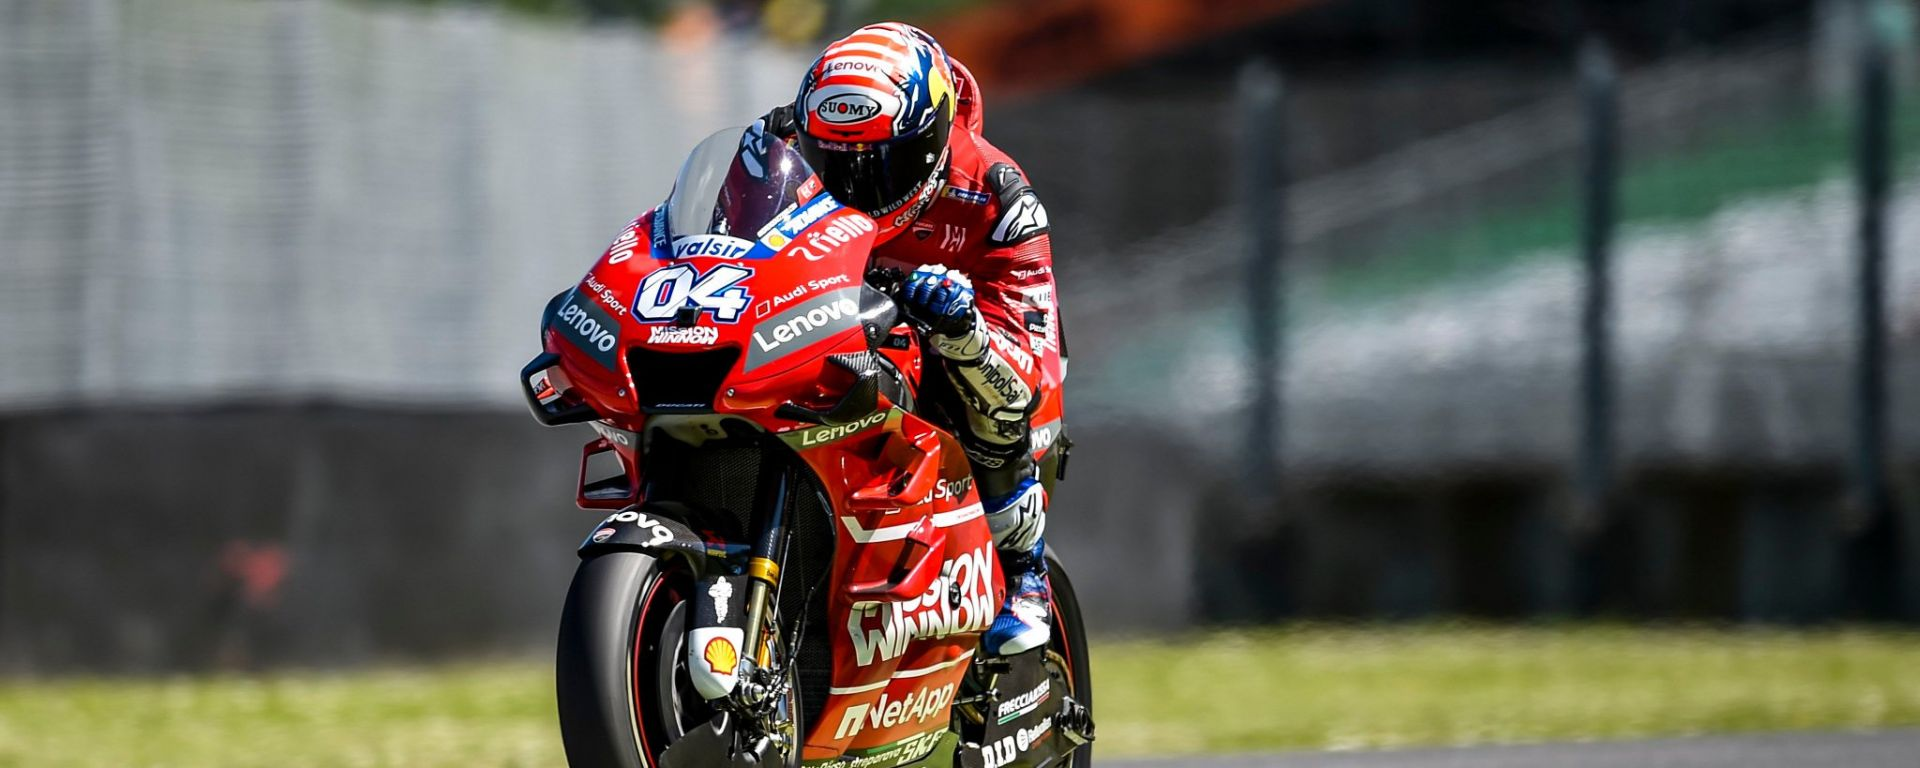 GP Italia 2019, Mugello: Andrea Dovizioso (Ducati)